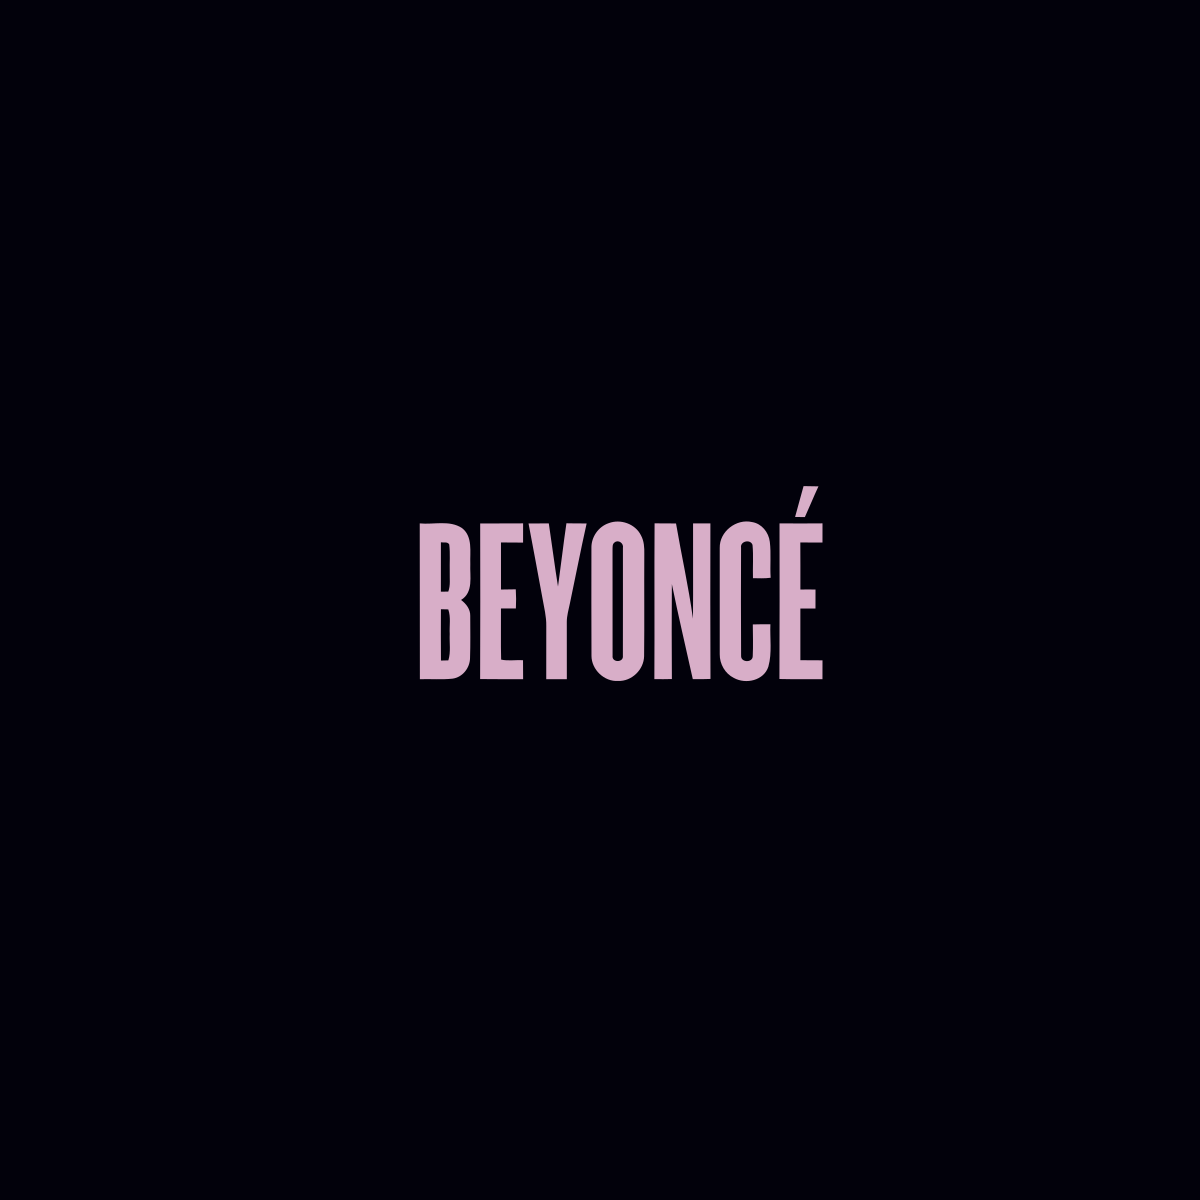 10.17 Beyoncé - Beyoncé